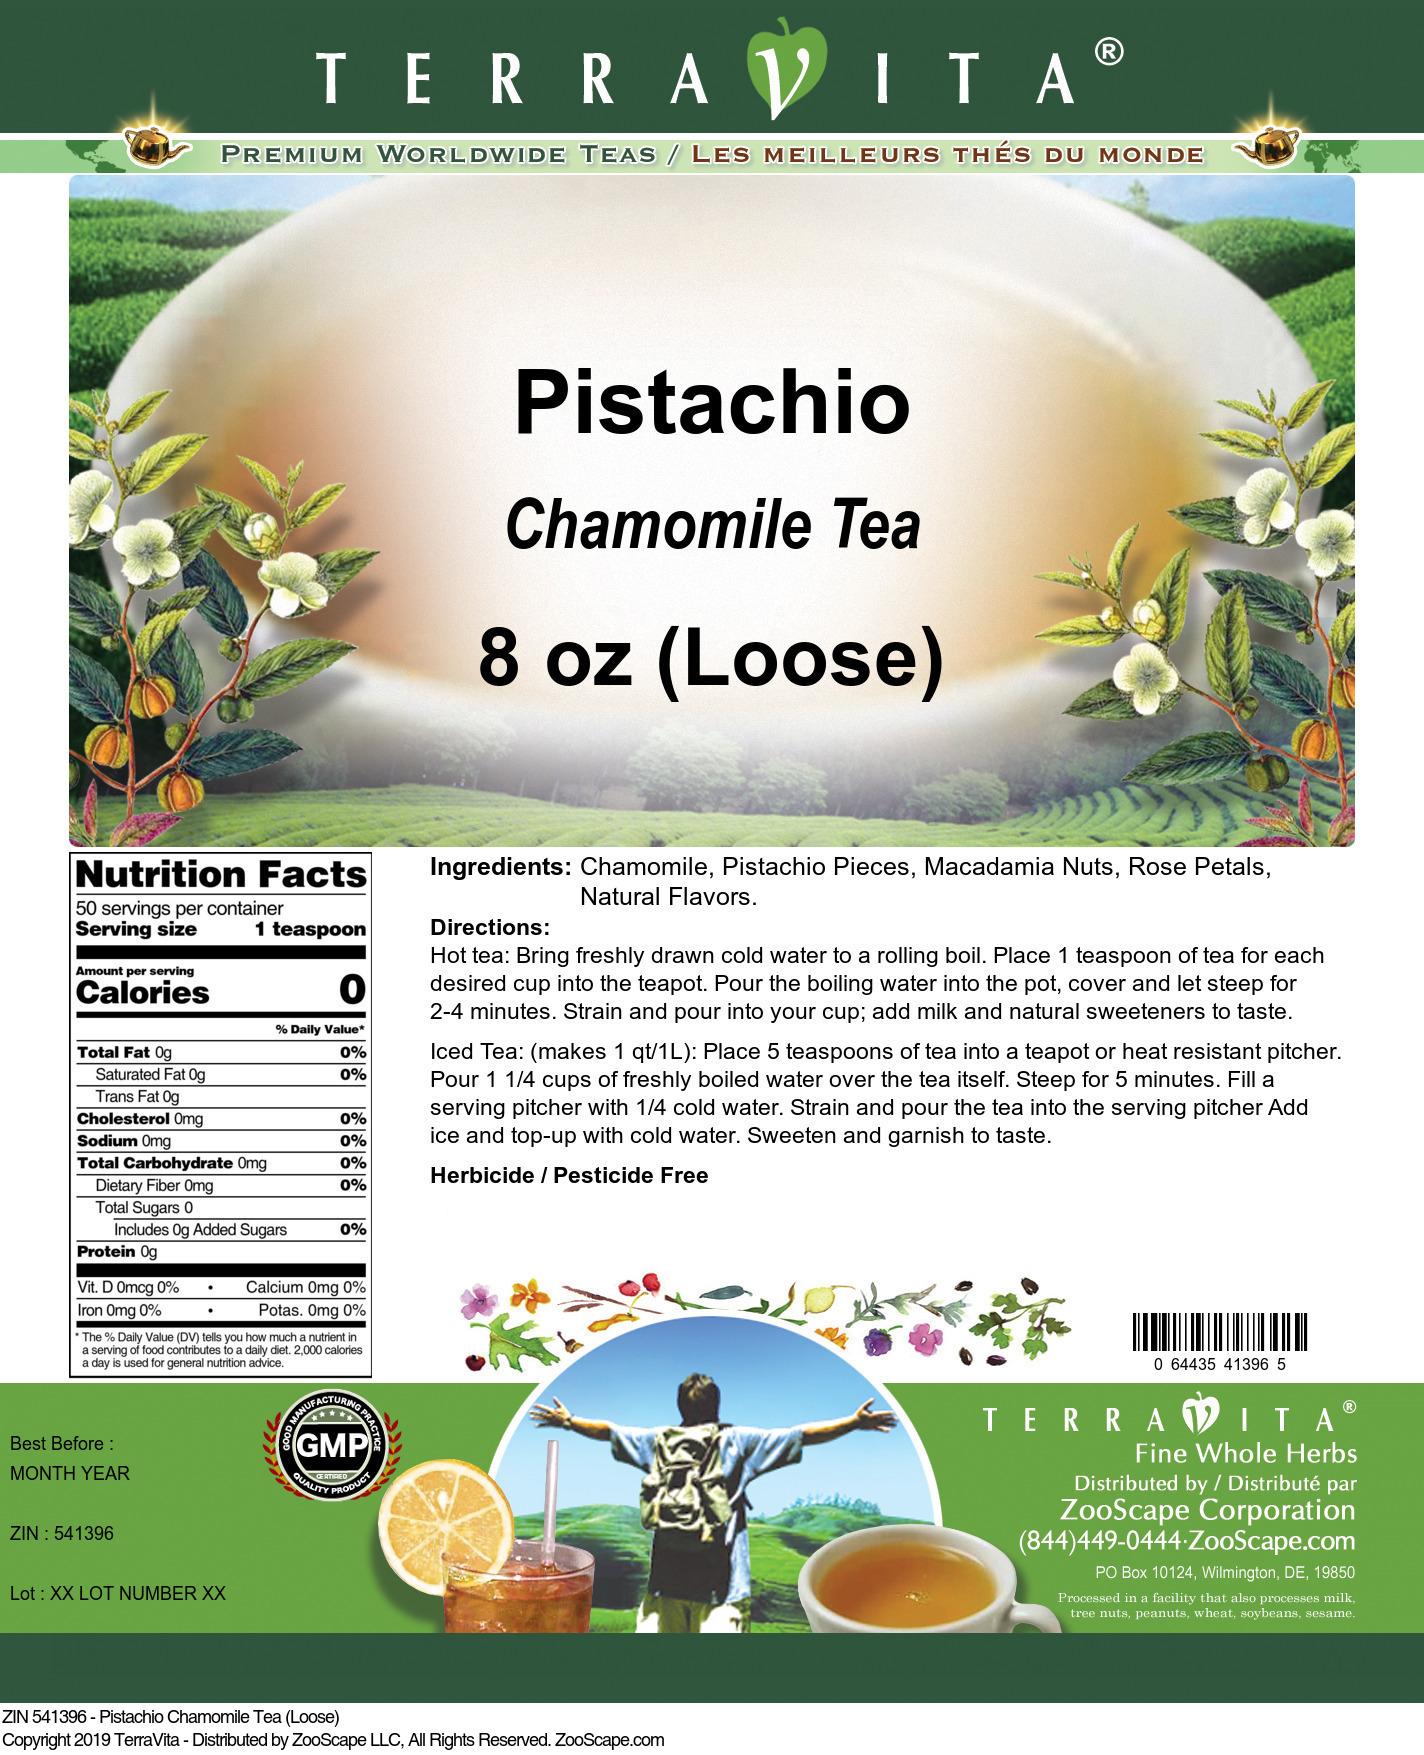 Pistachio Chamomile Tea (Loose)